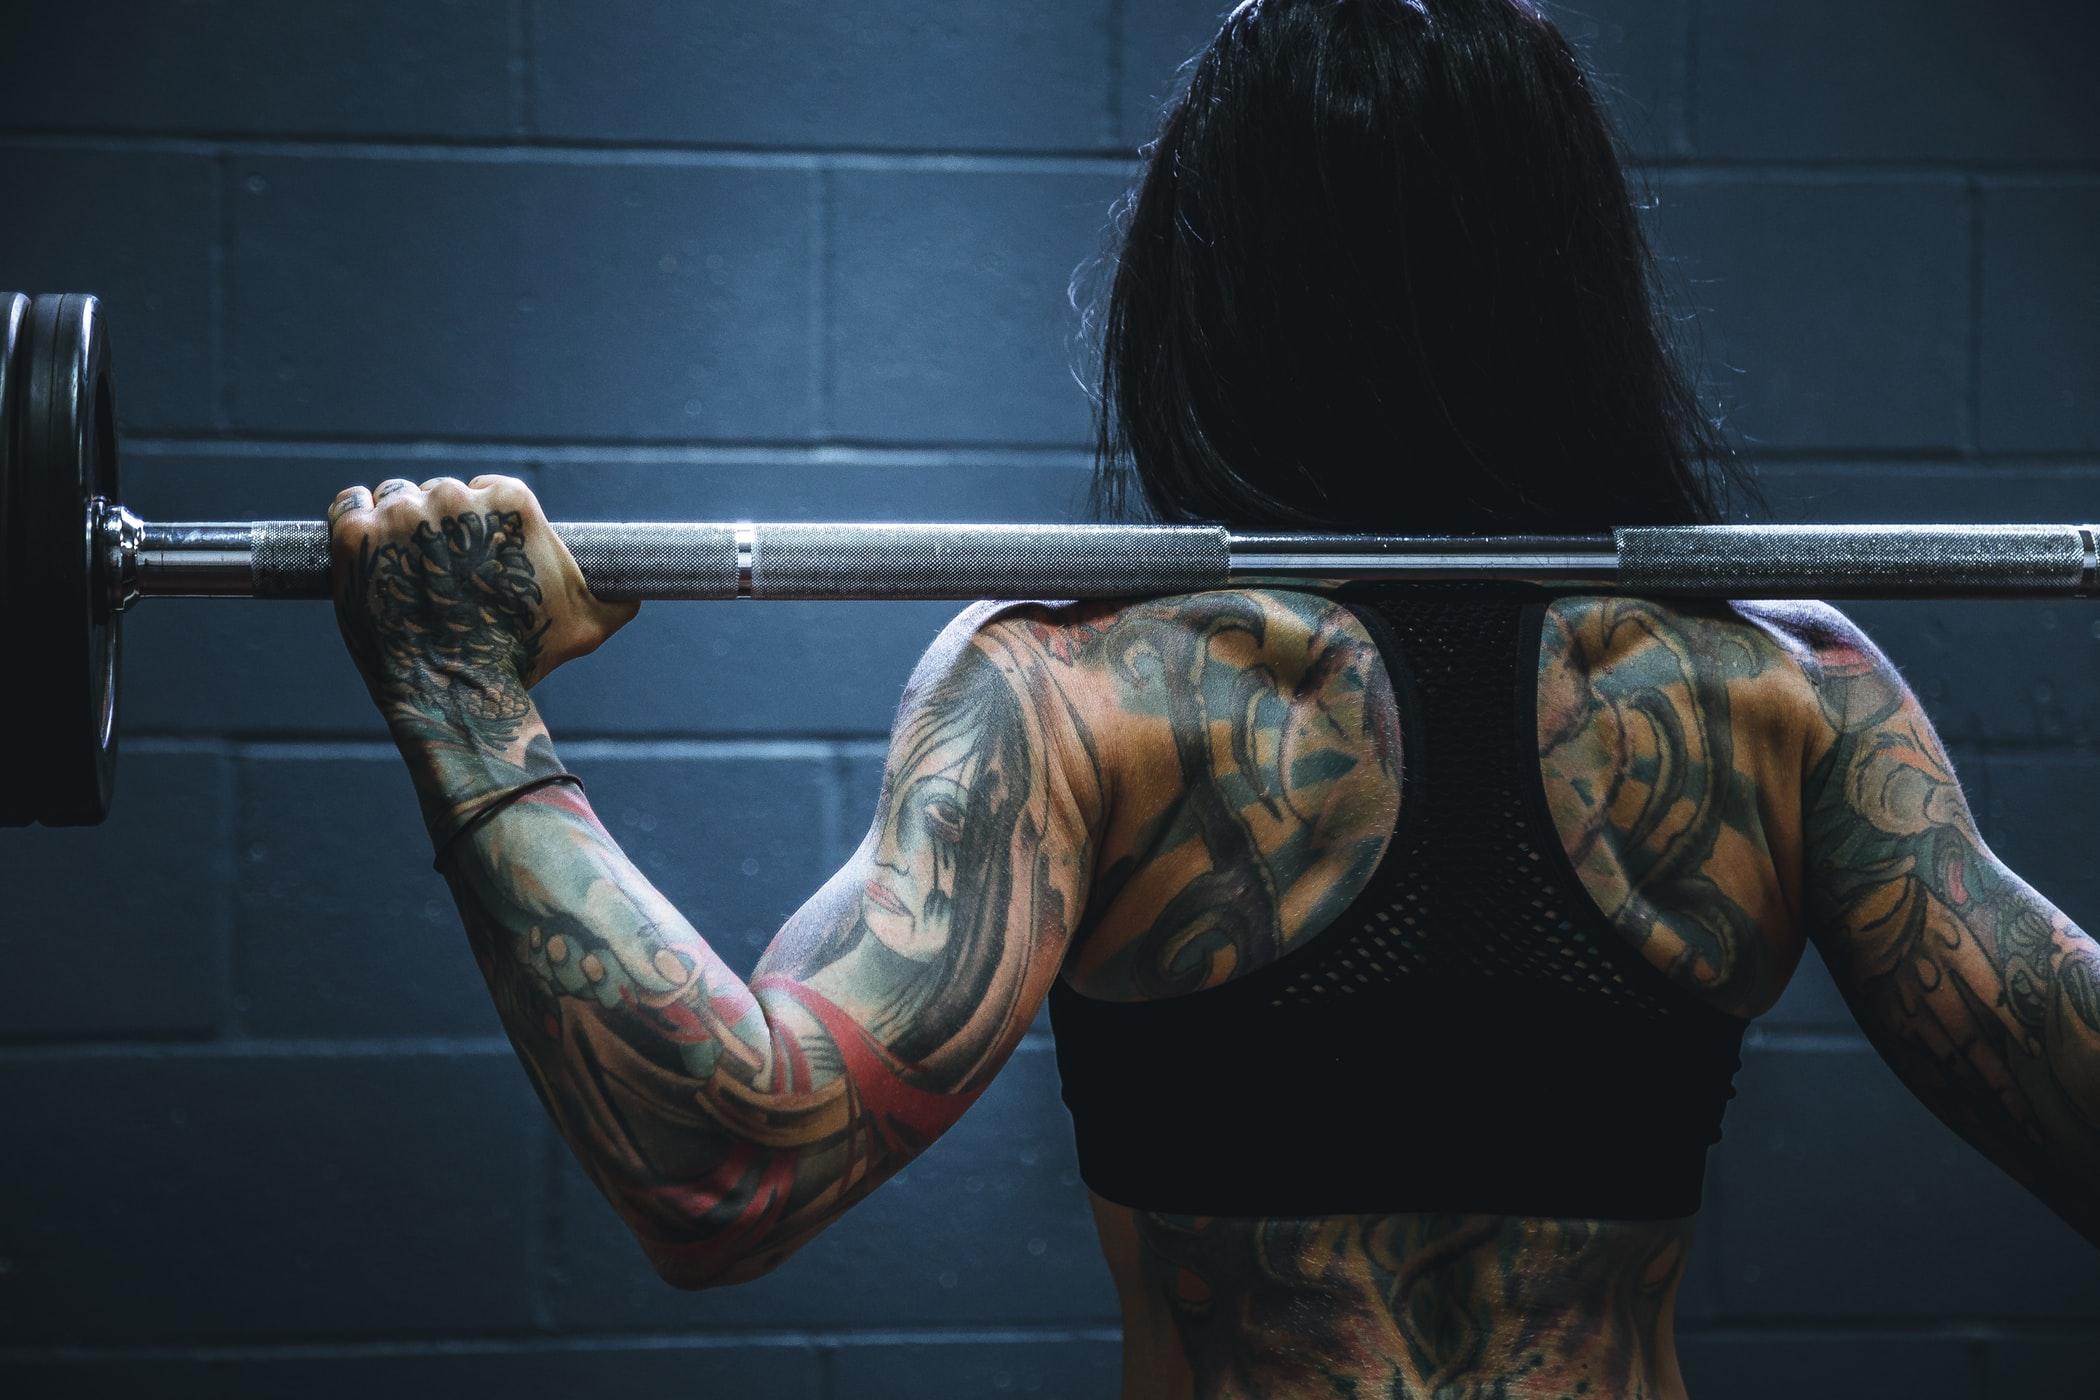 スクワット200kgを39歳で上げ続ける俺。その内身体壊しそうで怖い